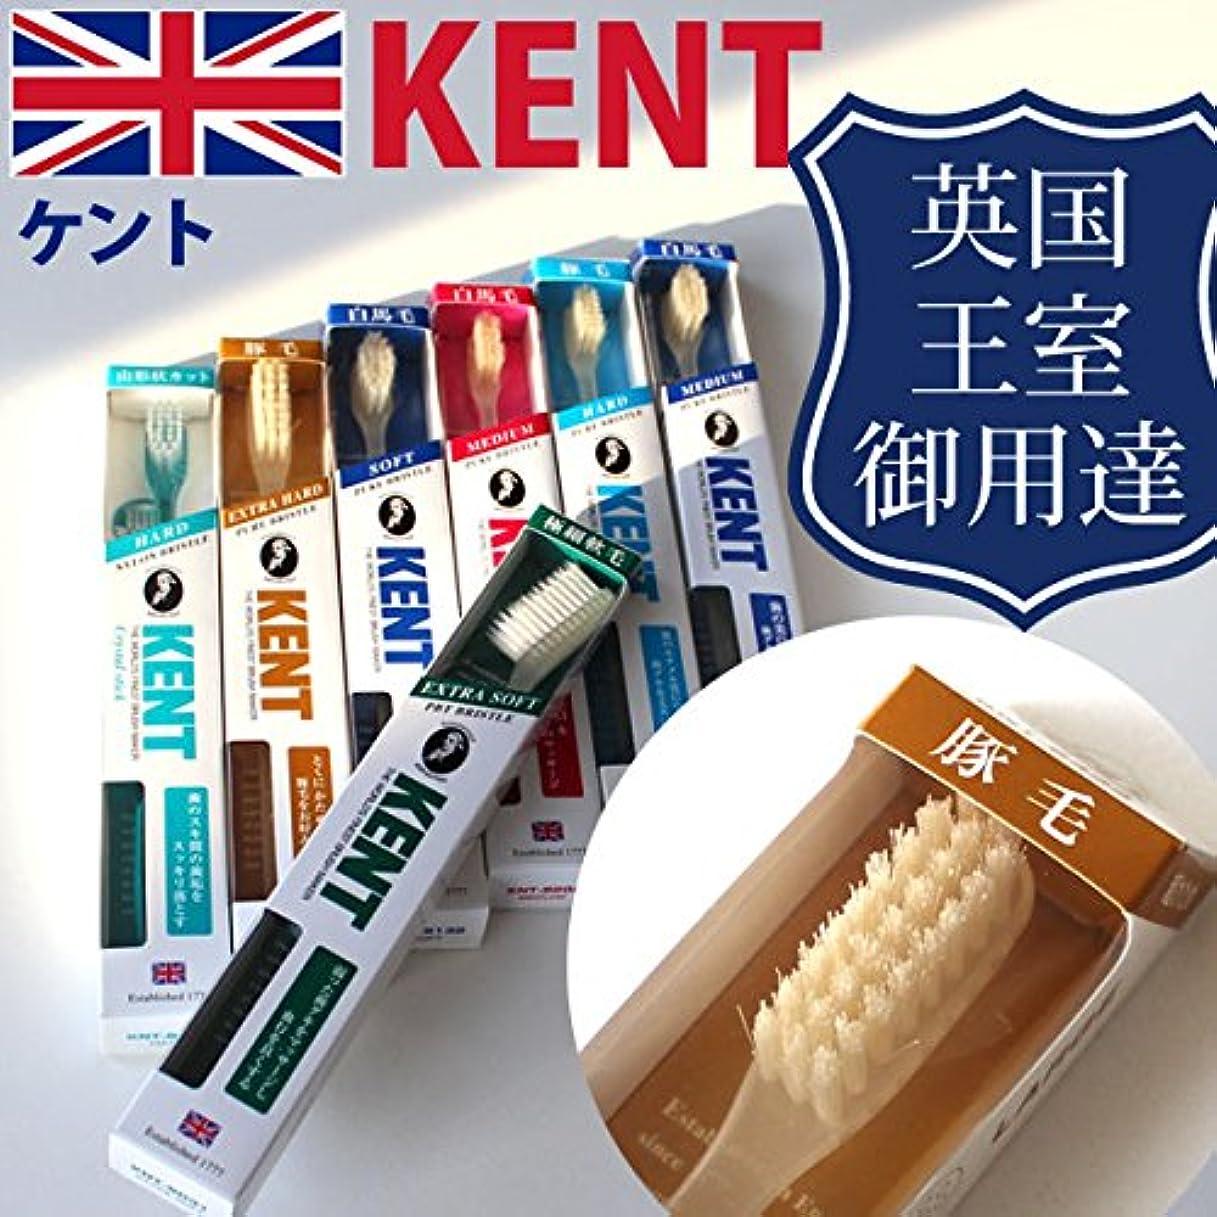 チーフおんどり閉じ込めるケント KENT 豚毛 ラージヘッド 歯ブラシKNT-9433 超かため 6本入り しっかり磨ける天然毛のラジヘ